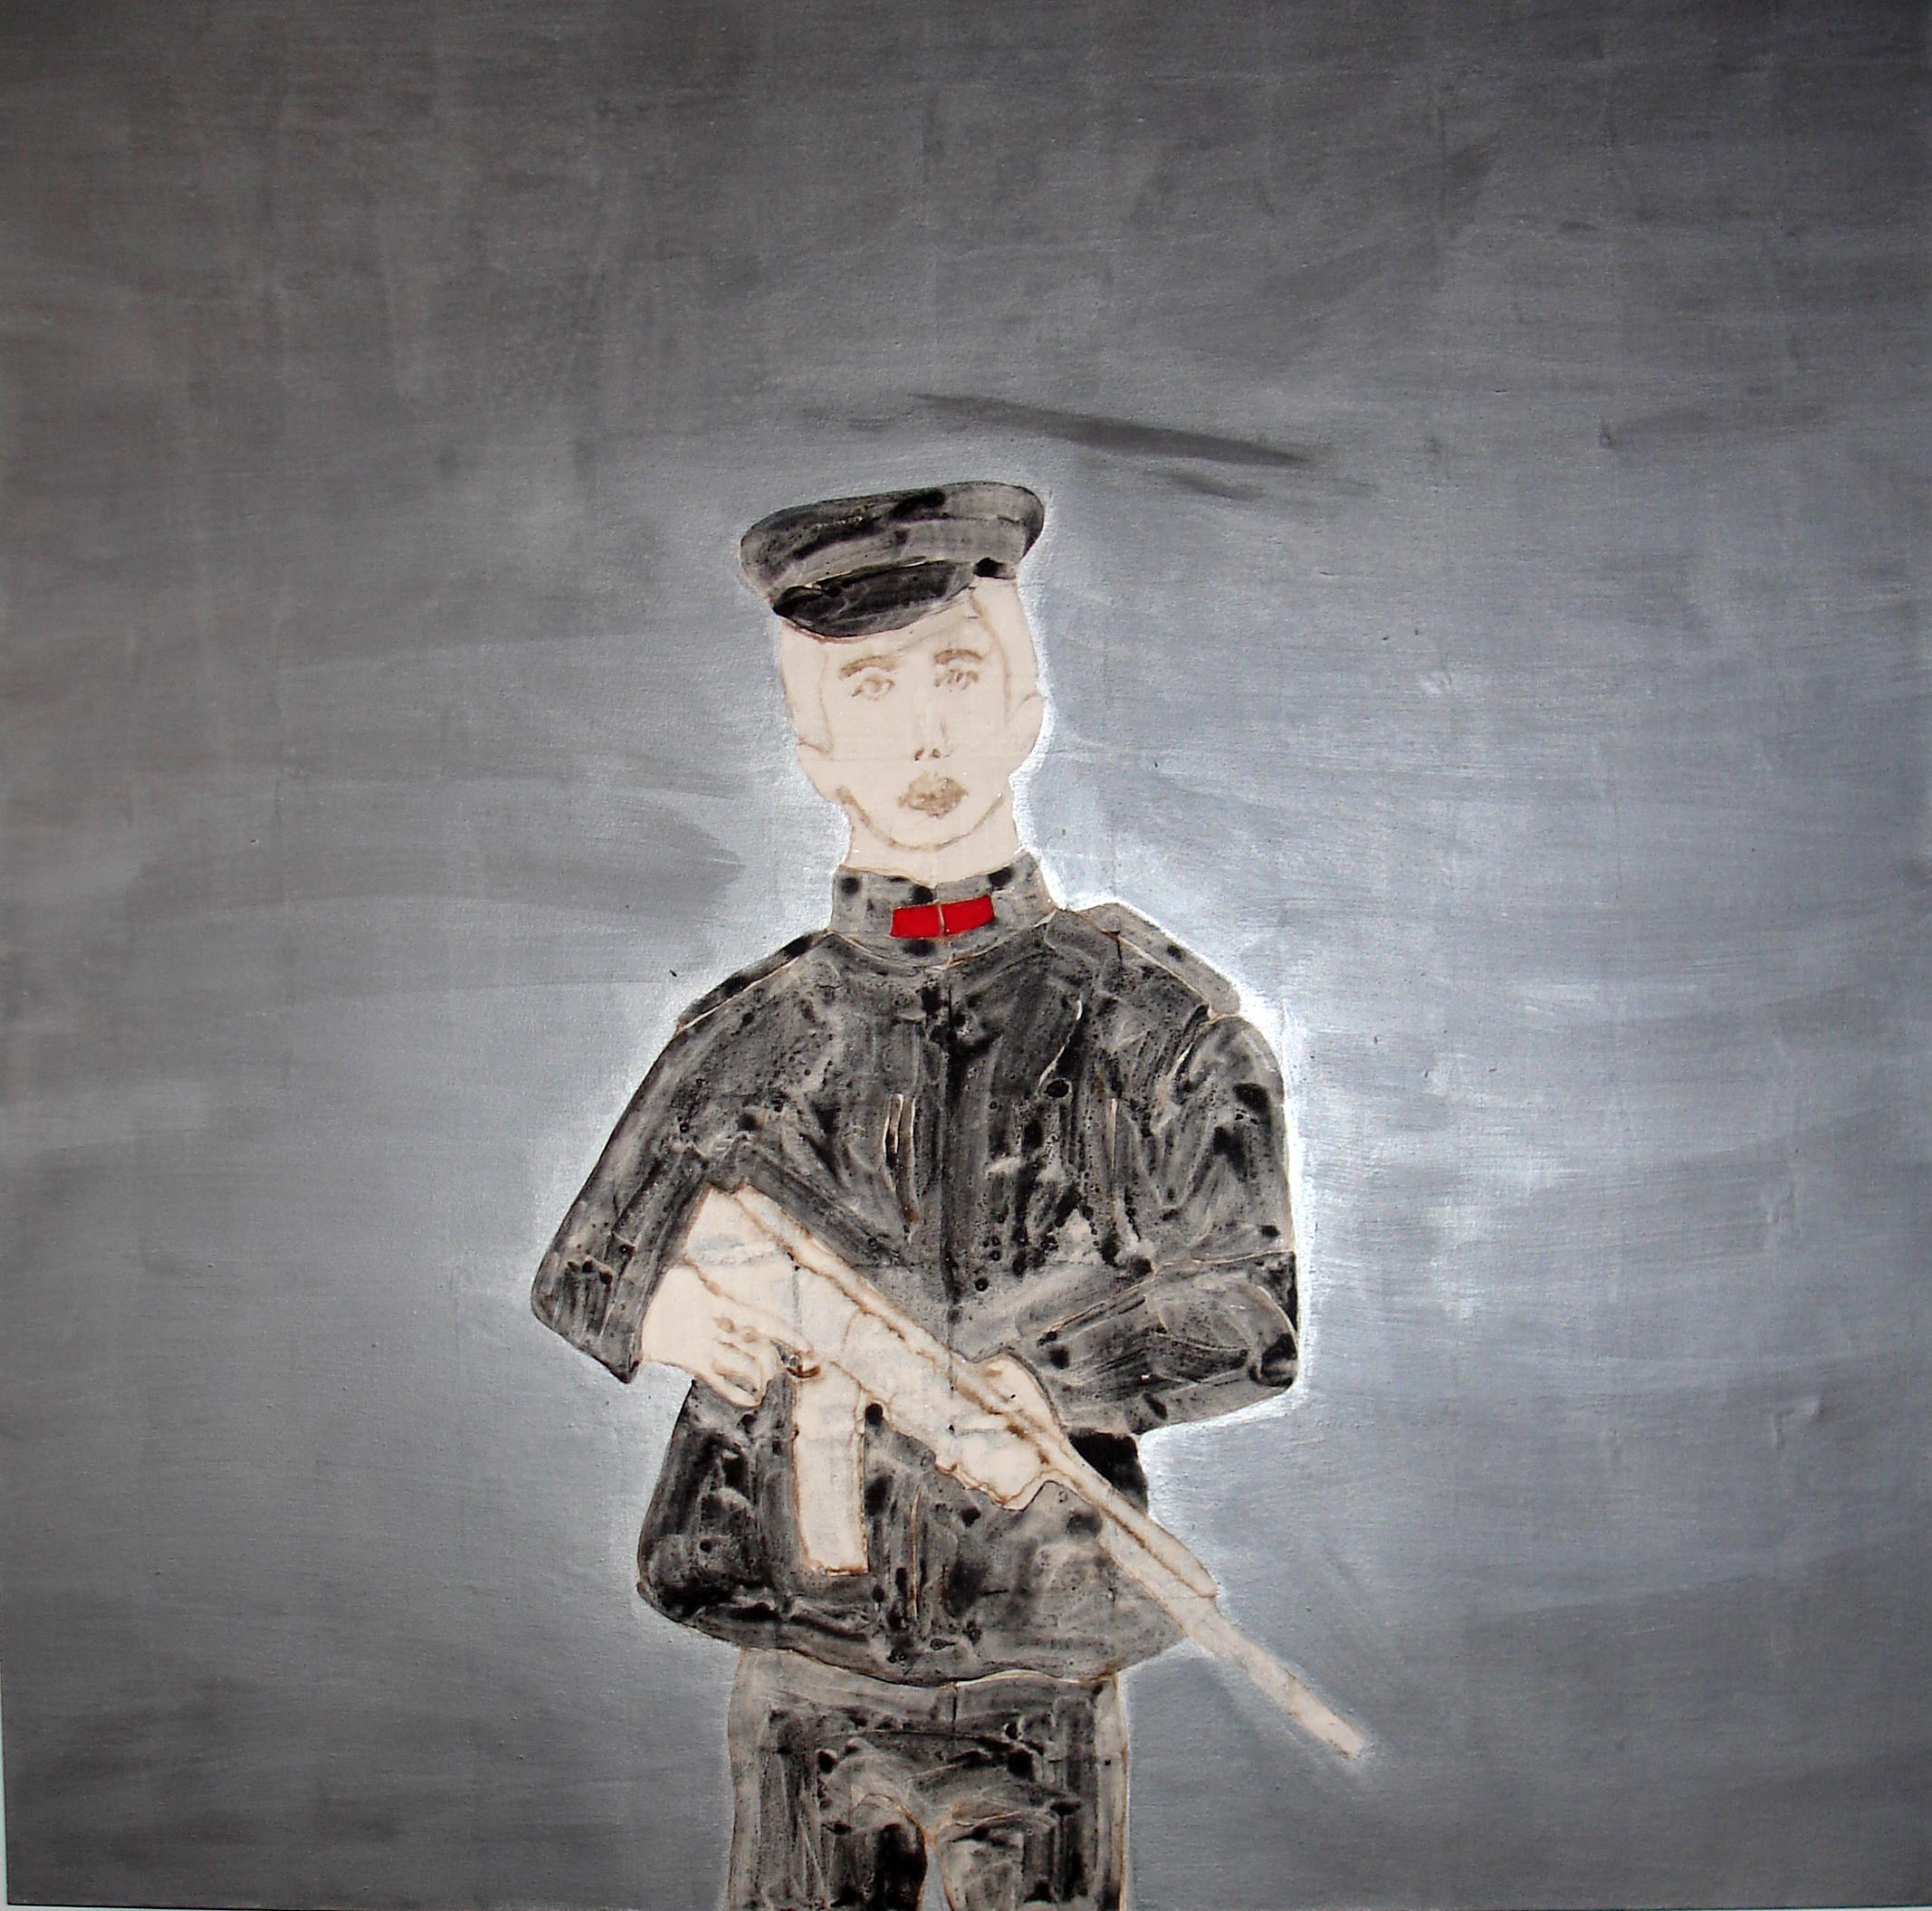 Petit Soldat III, 2009, Pigmentos s/lienzo, 120x120 cm    Little Soldier III, 2009, Pigments on canvas, 47x47 in